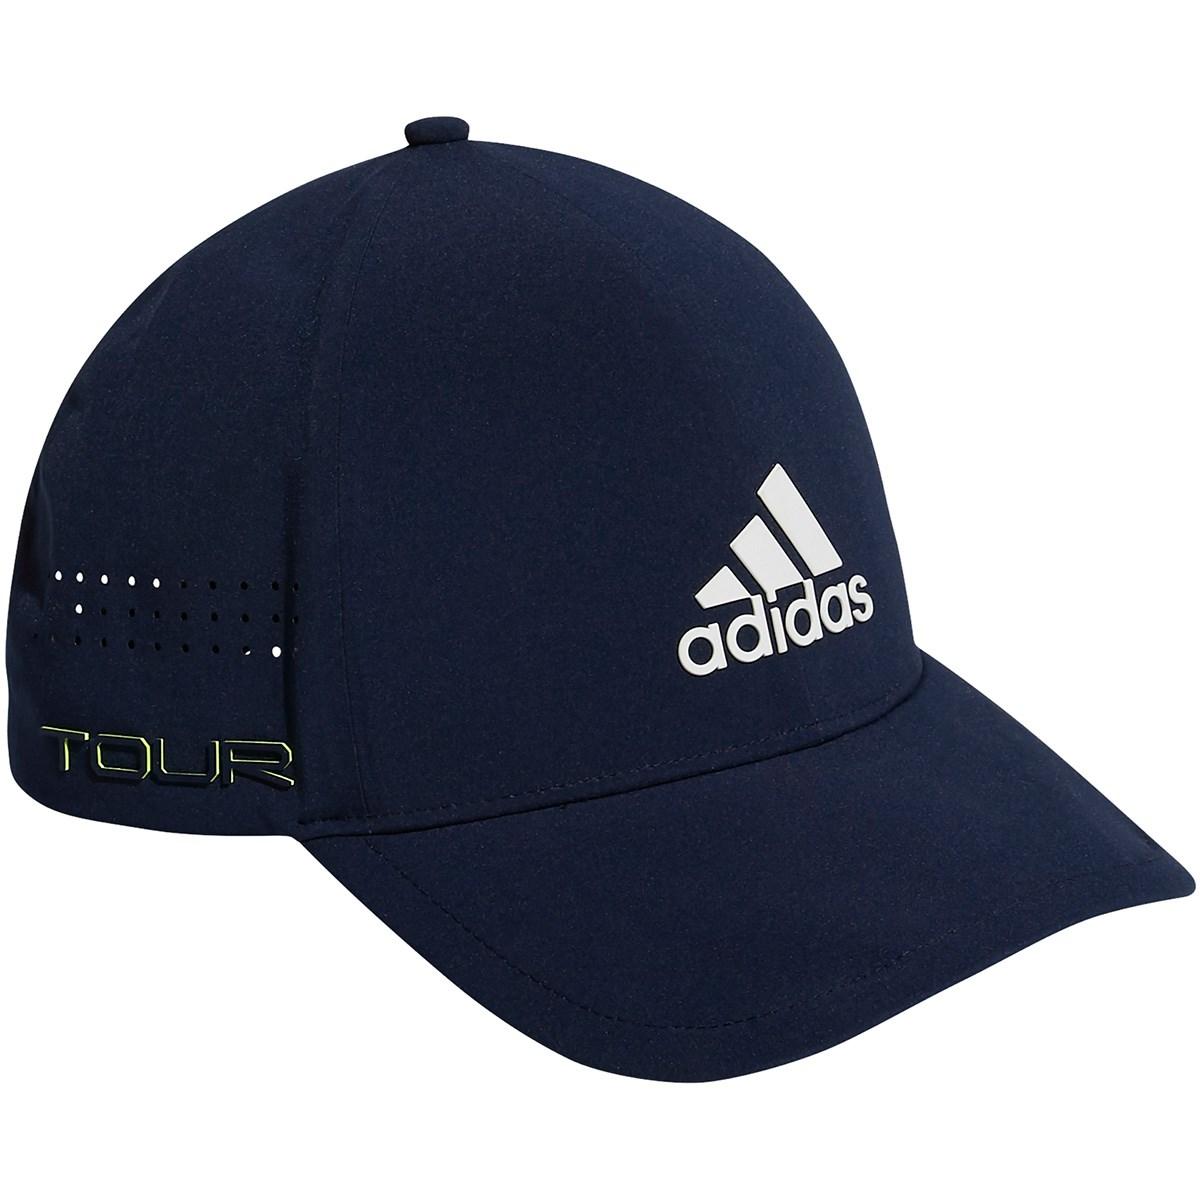 アディダス Adidas ツアーライトテックキャップ OSFX カレッジネイビー